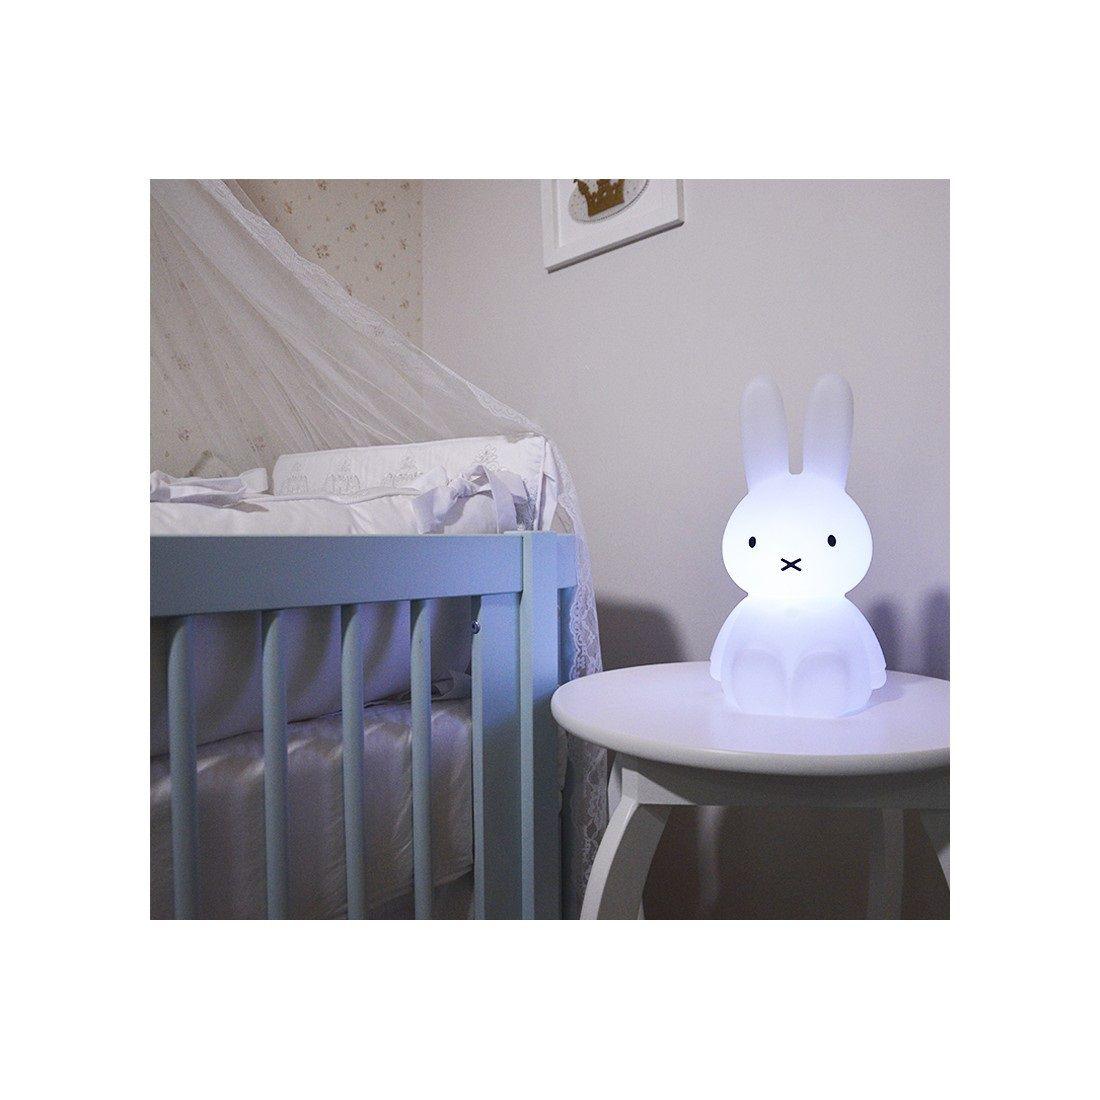 Abajur Luminária Coelha Miffy® sem Fio Led RGB Decorfun